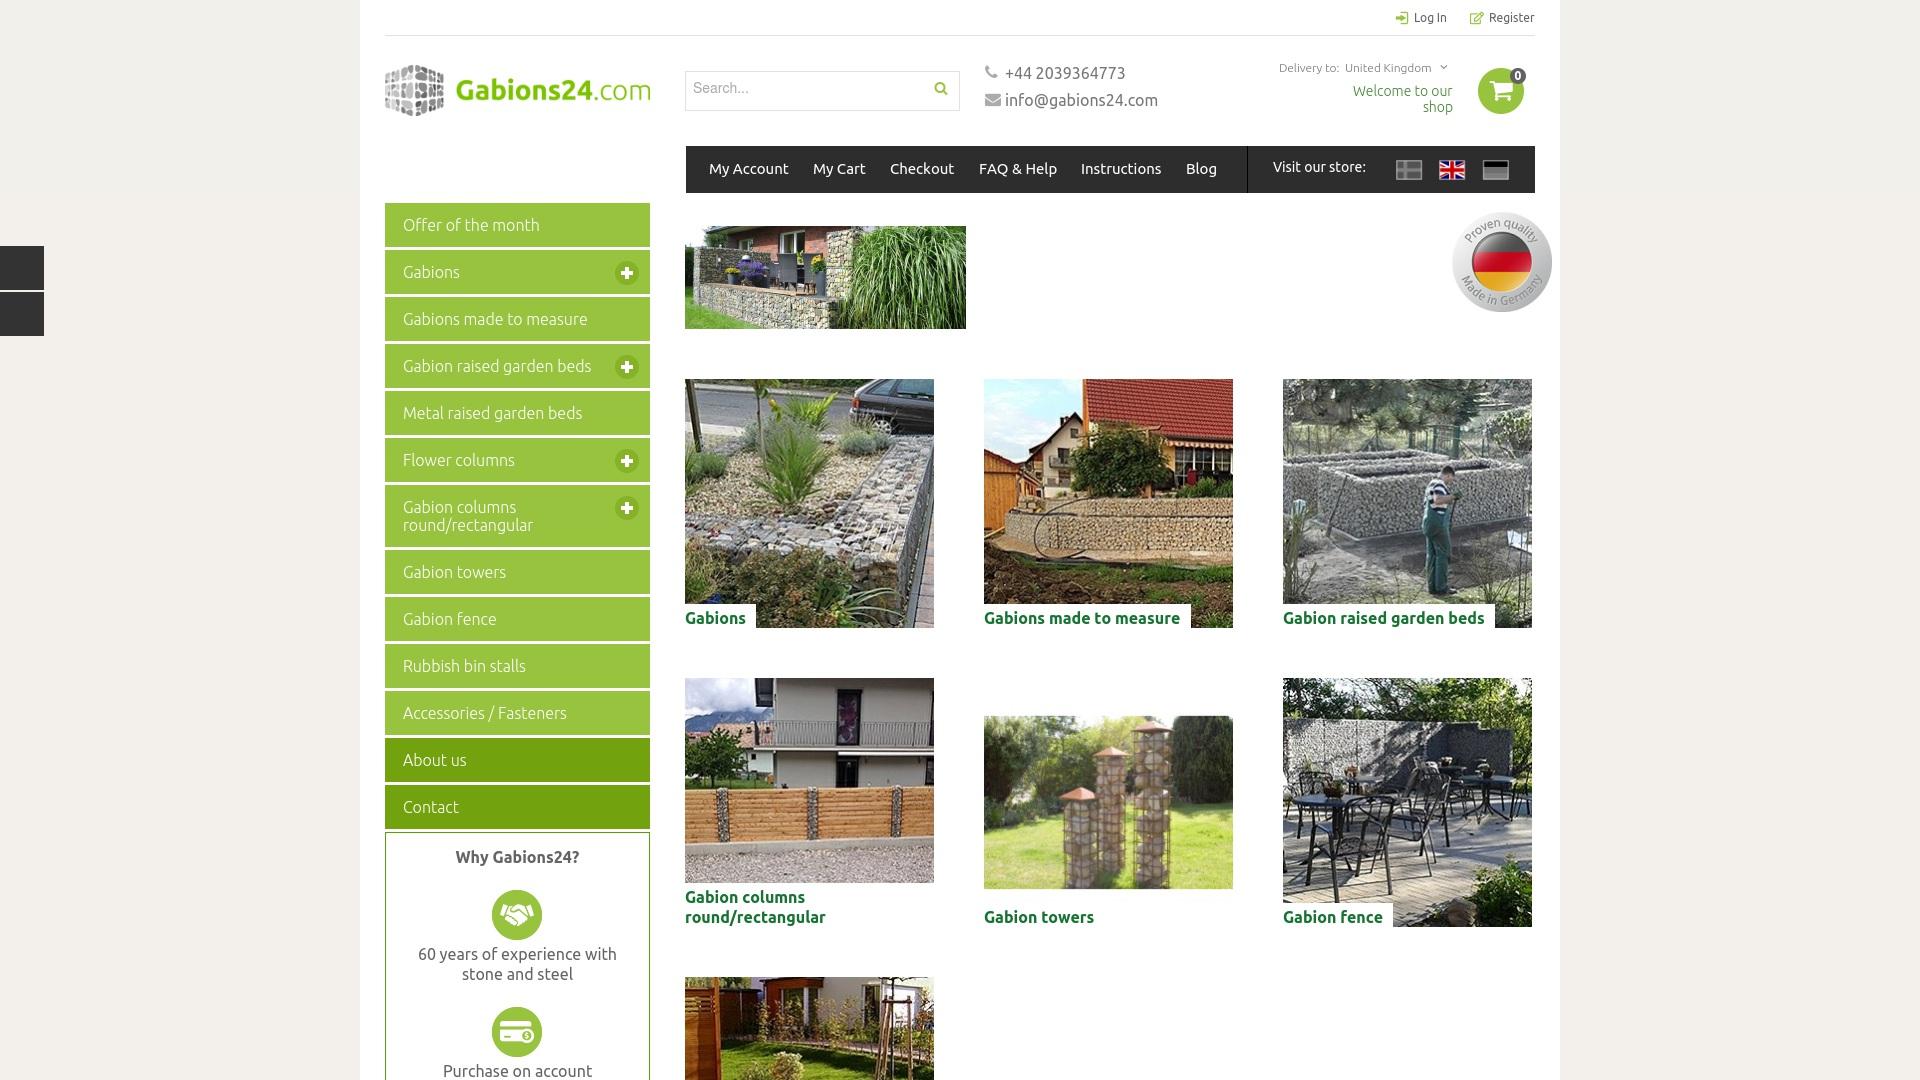 Gutschein für Gabions24: Rabatte für  Gabions24 sichern